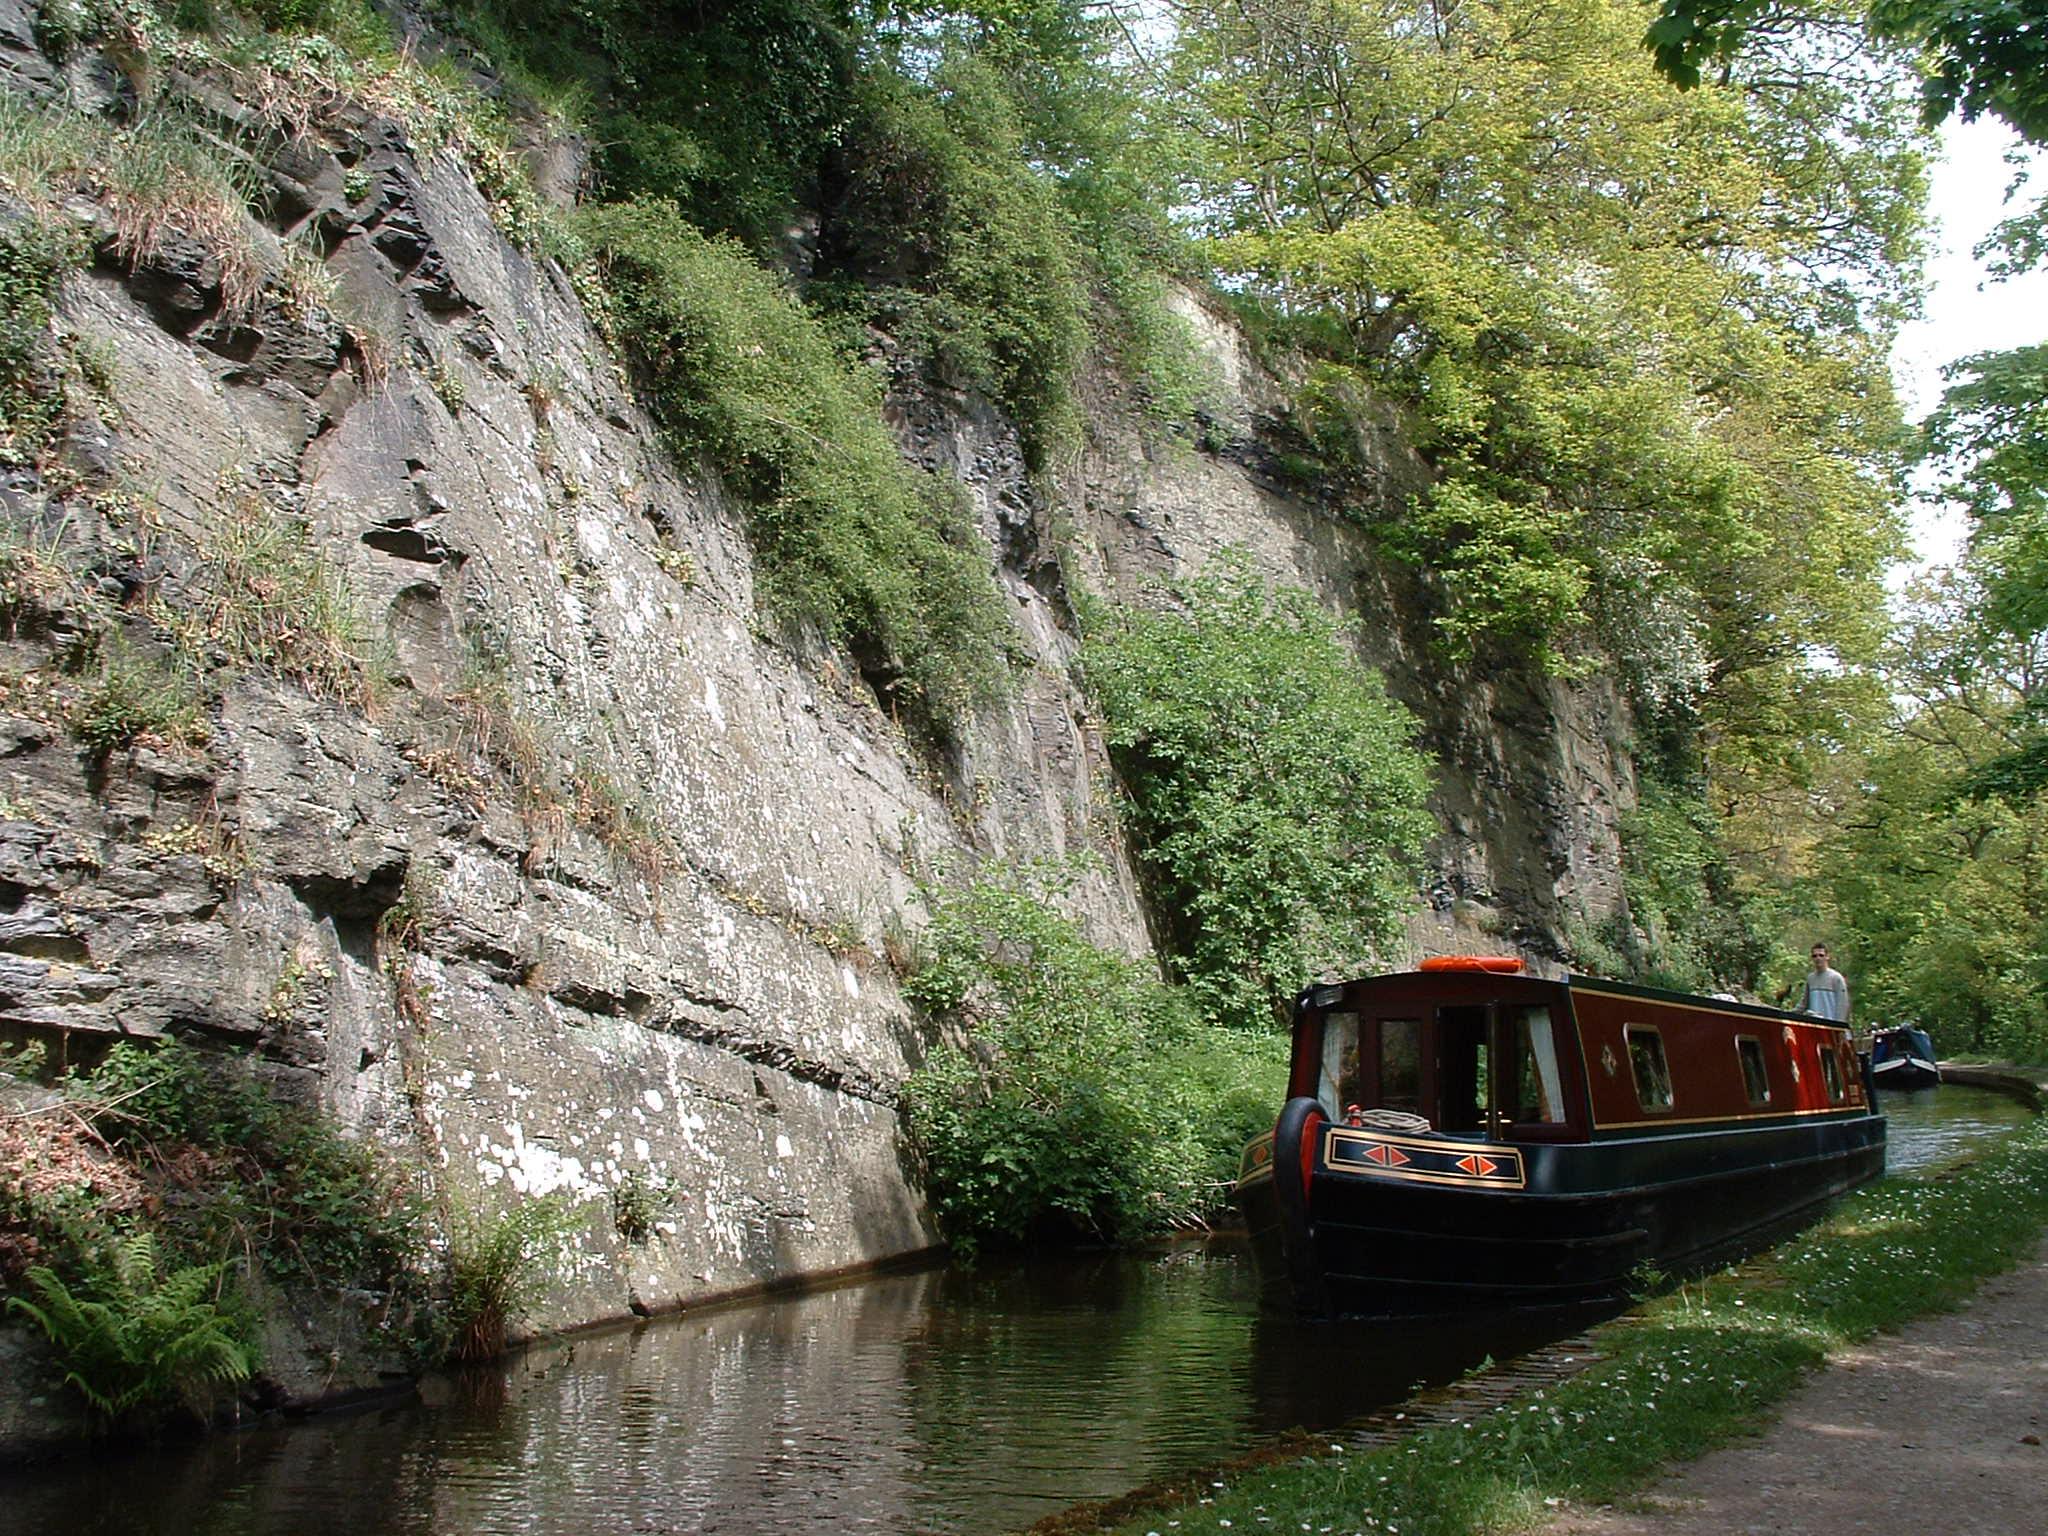 Llangollen_Canal_UK.jpg